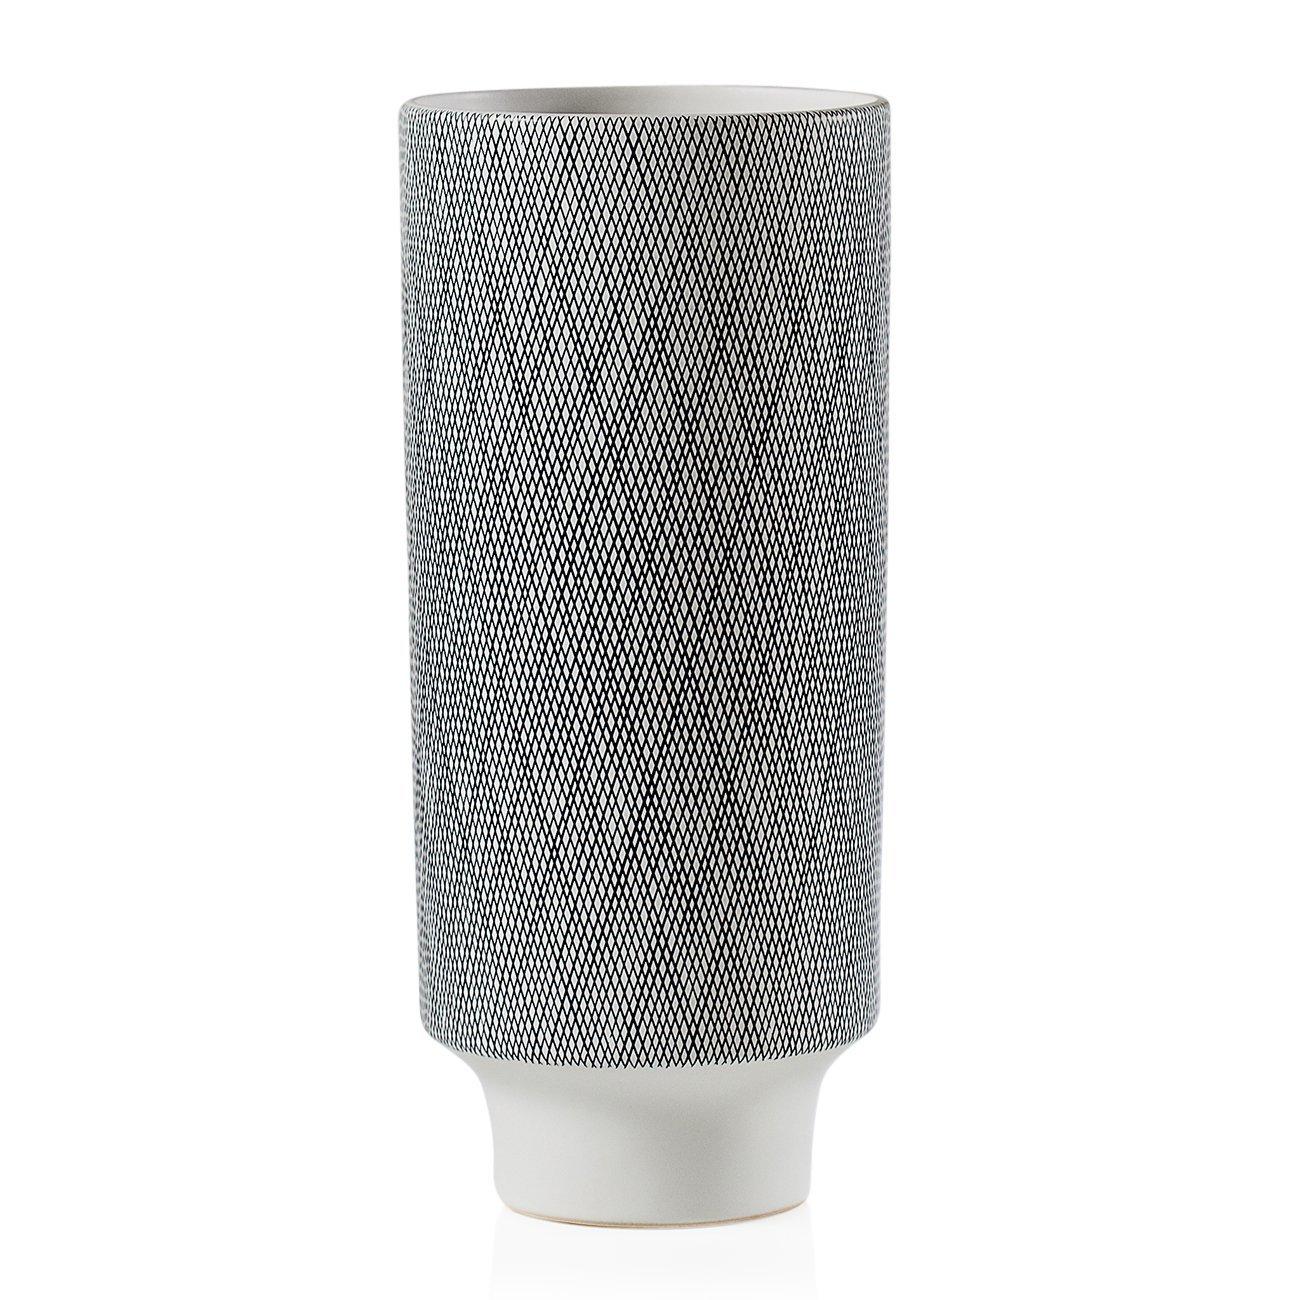 28. Bergen Weave Vase ($42)